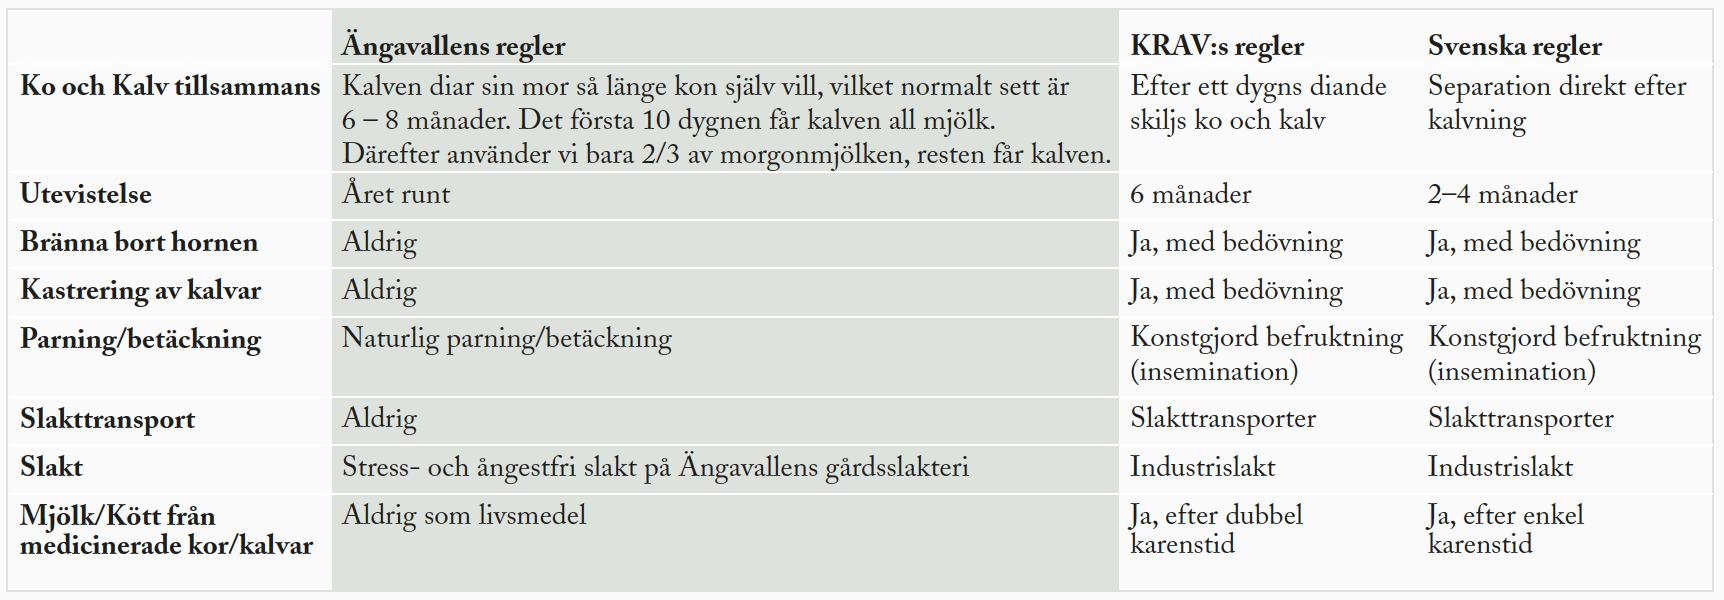 Ko_och_kalv